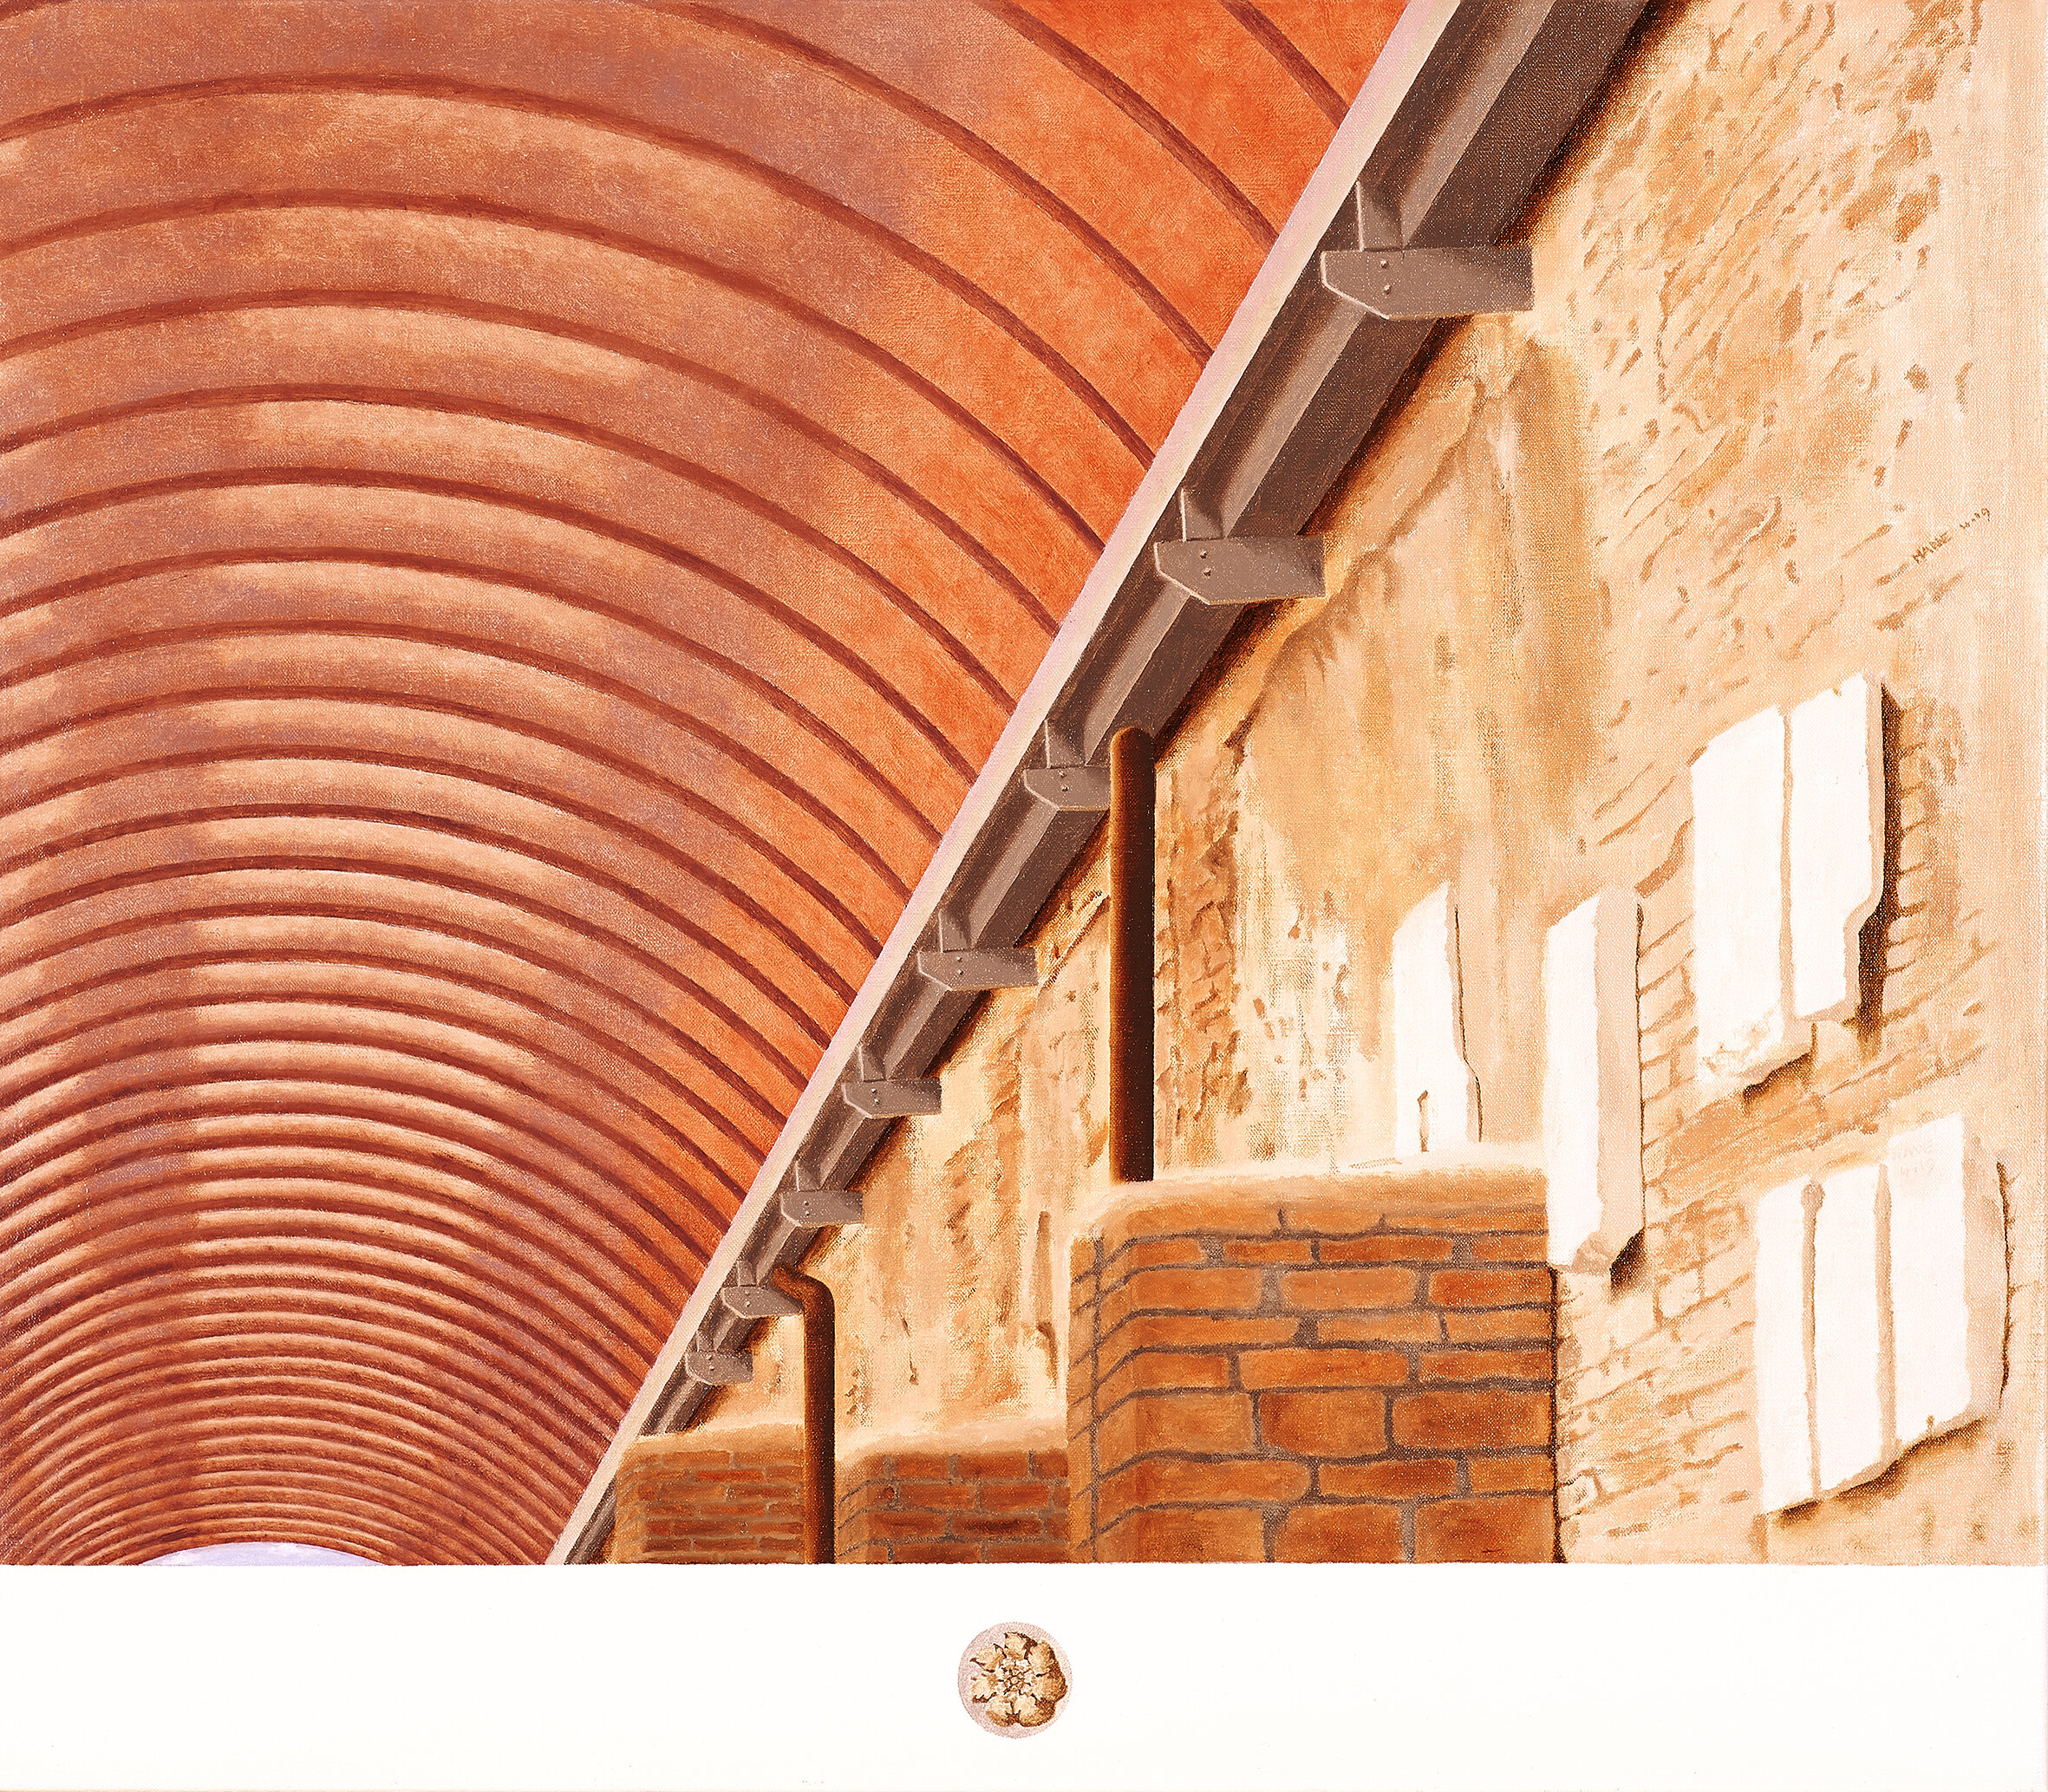 Galleria, Ostia antica  2019 Olio su lino, 64 x 75 cm € 2,000